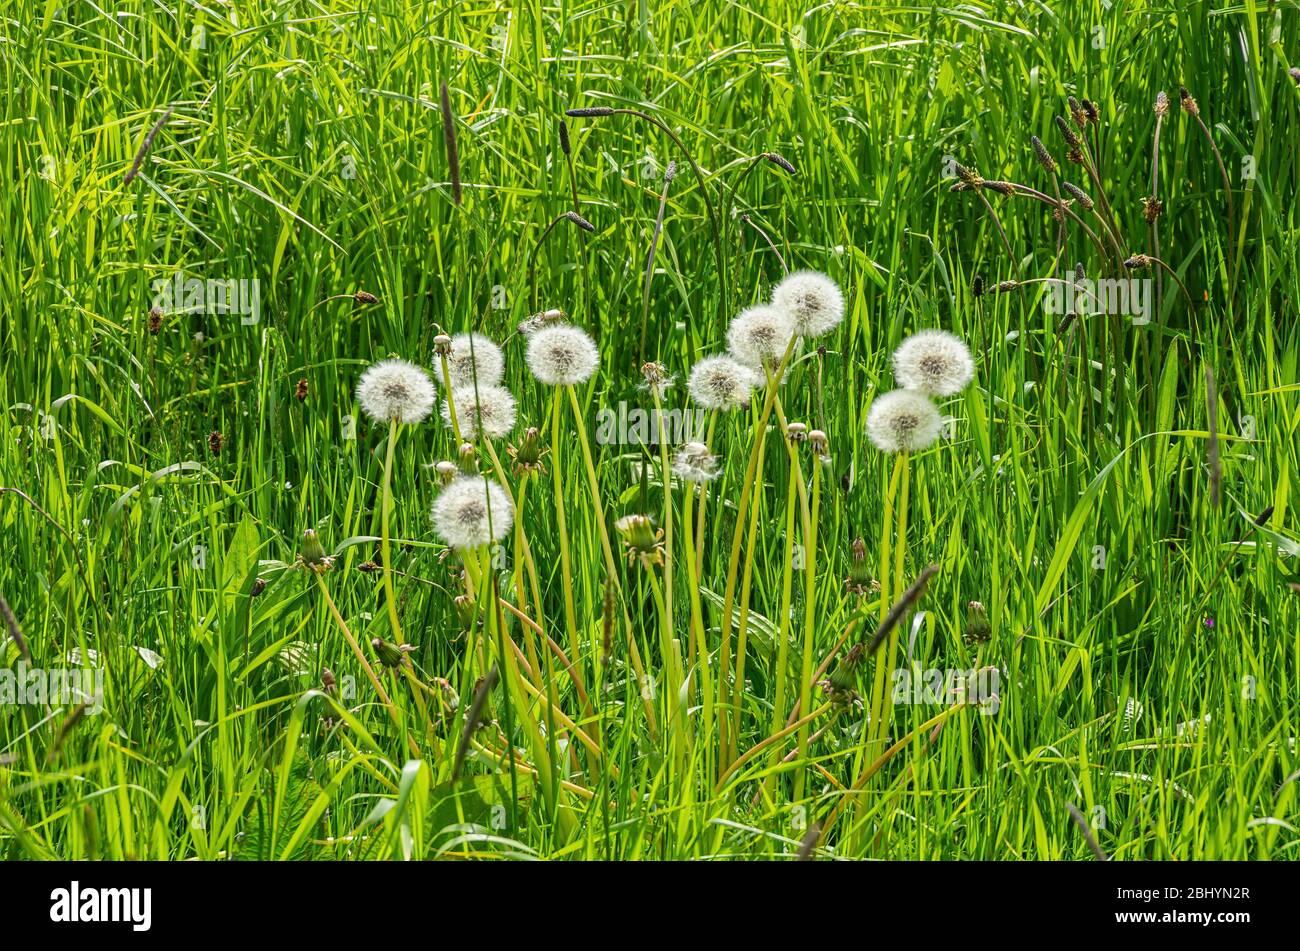 Eine Gruppe von Blowballs im hohen Gras einer Wiese. Stockfoto